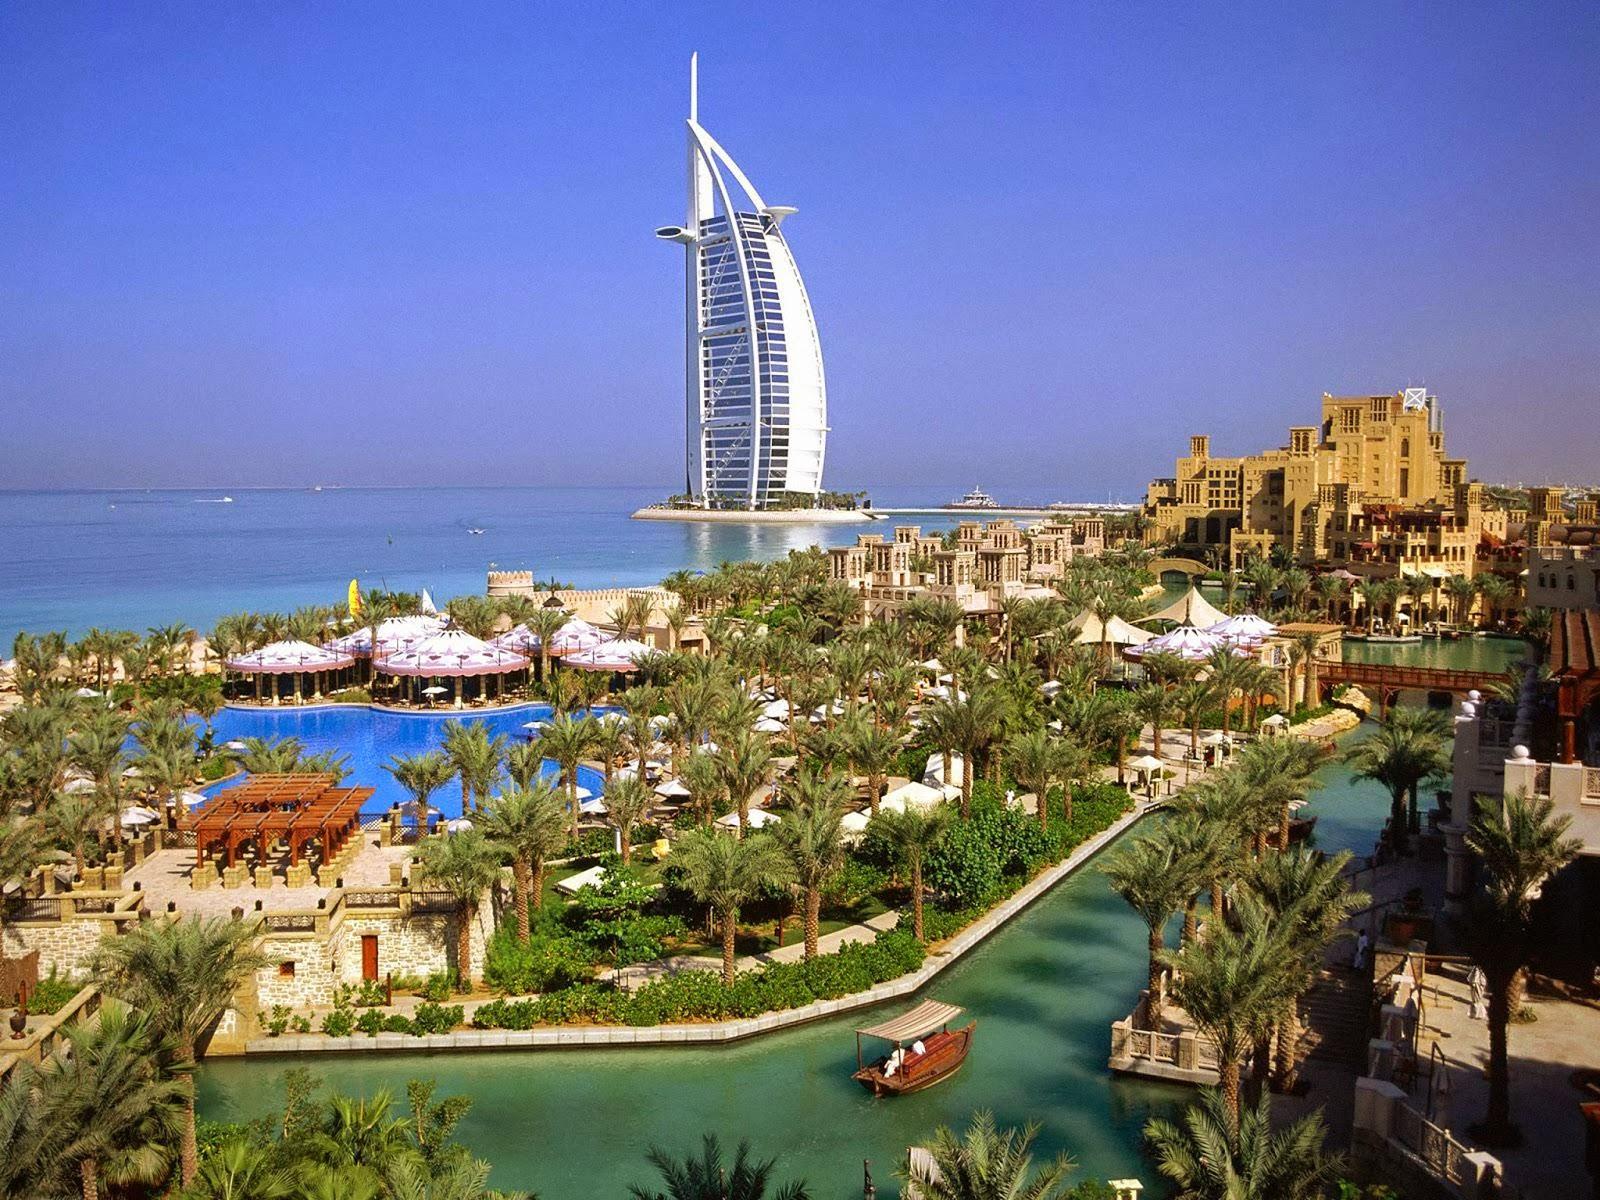 Туристов во время отдыха в Дубае поражает изумрудная зелень, множество фонтанов и цветочных клумб.